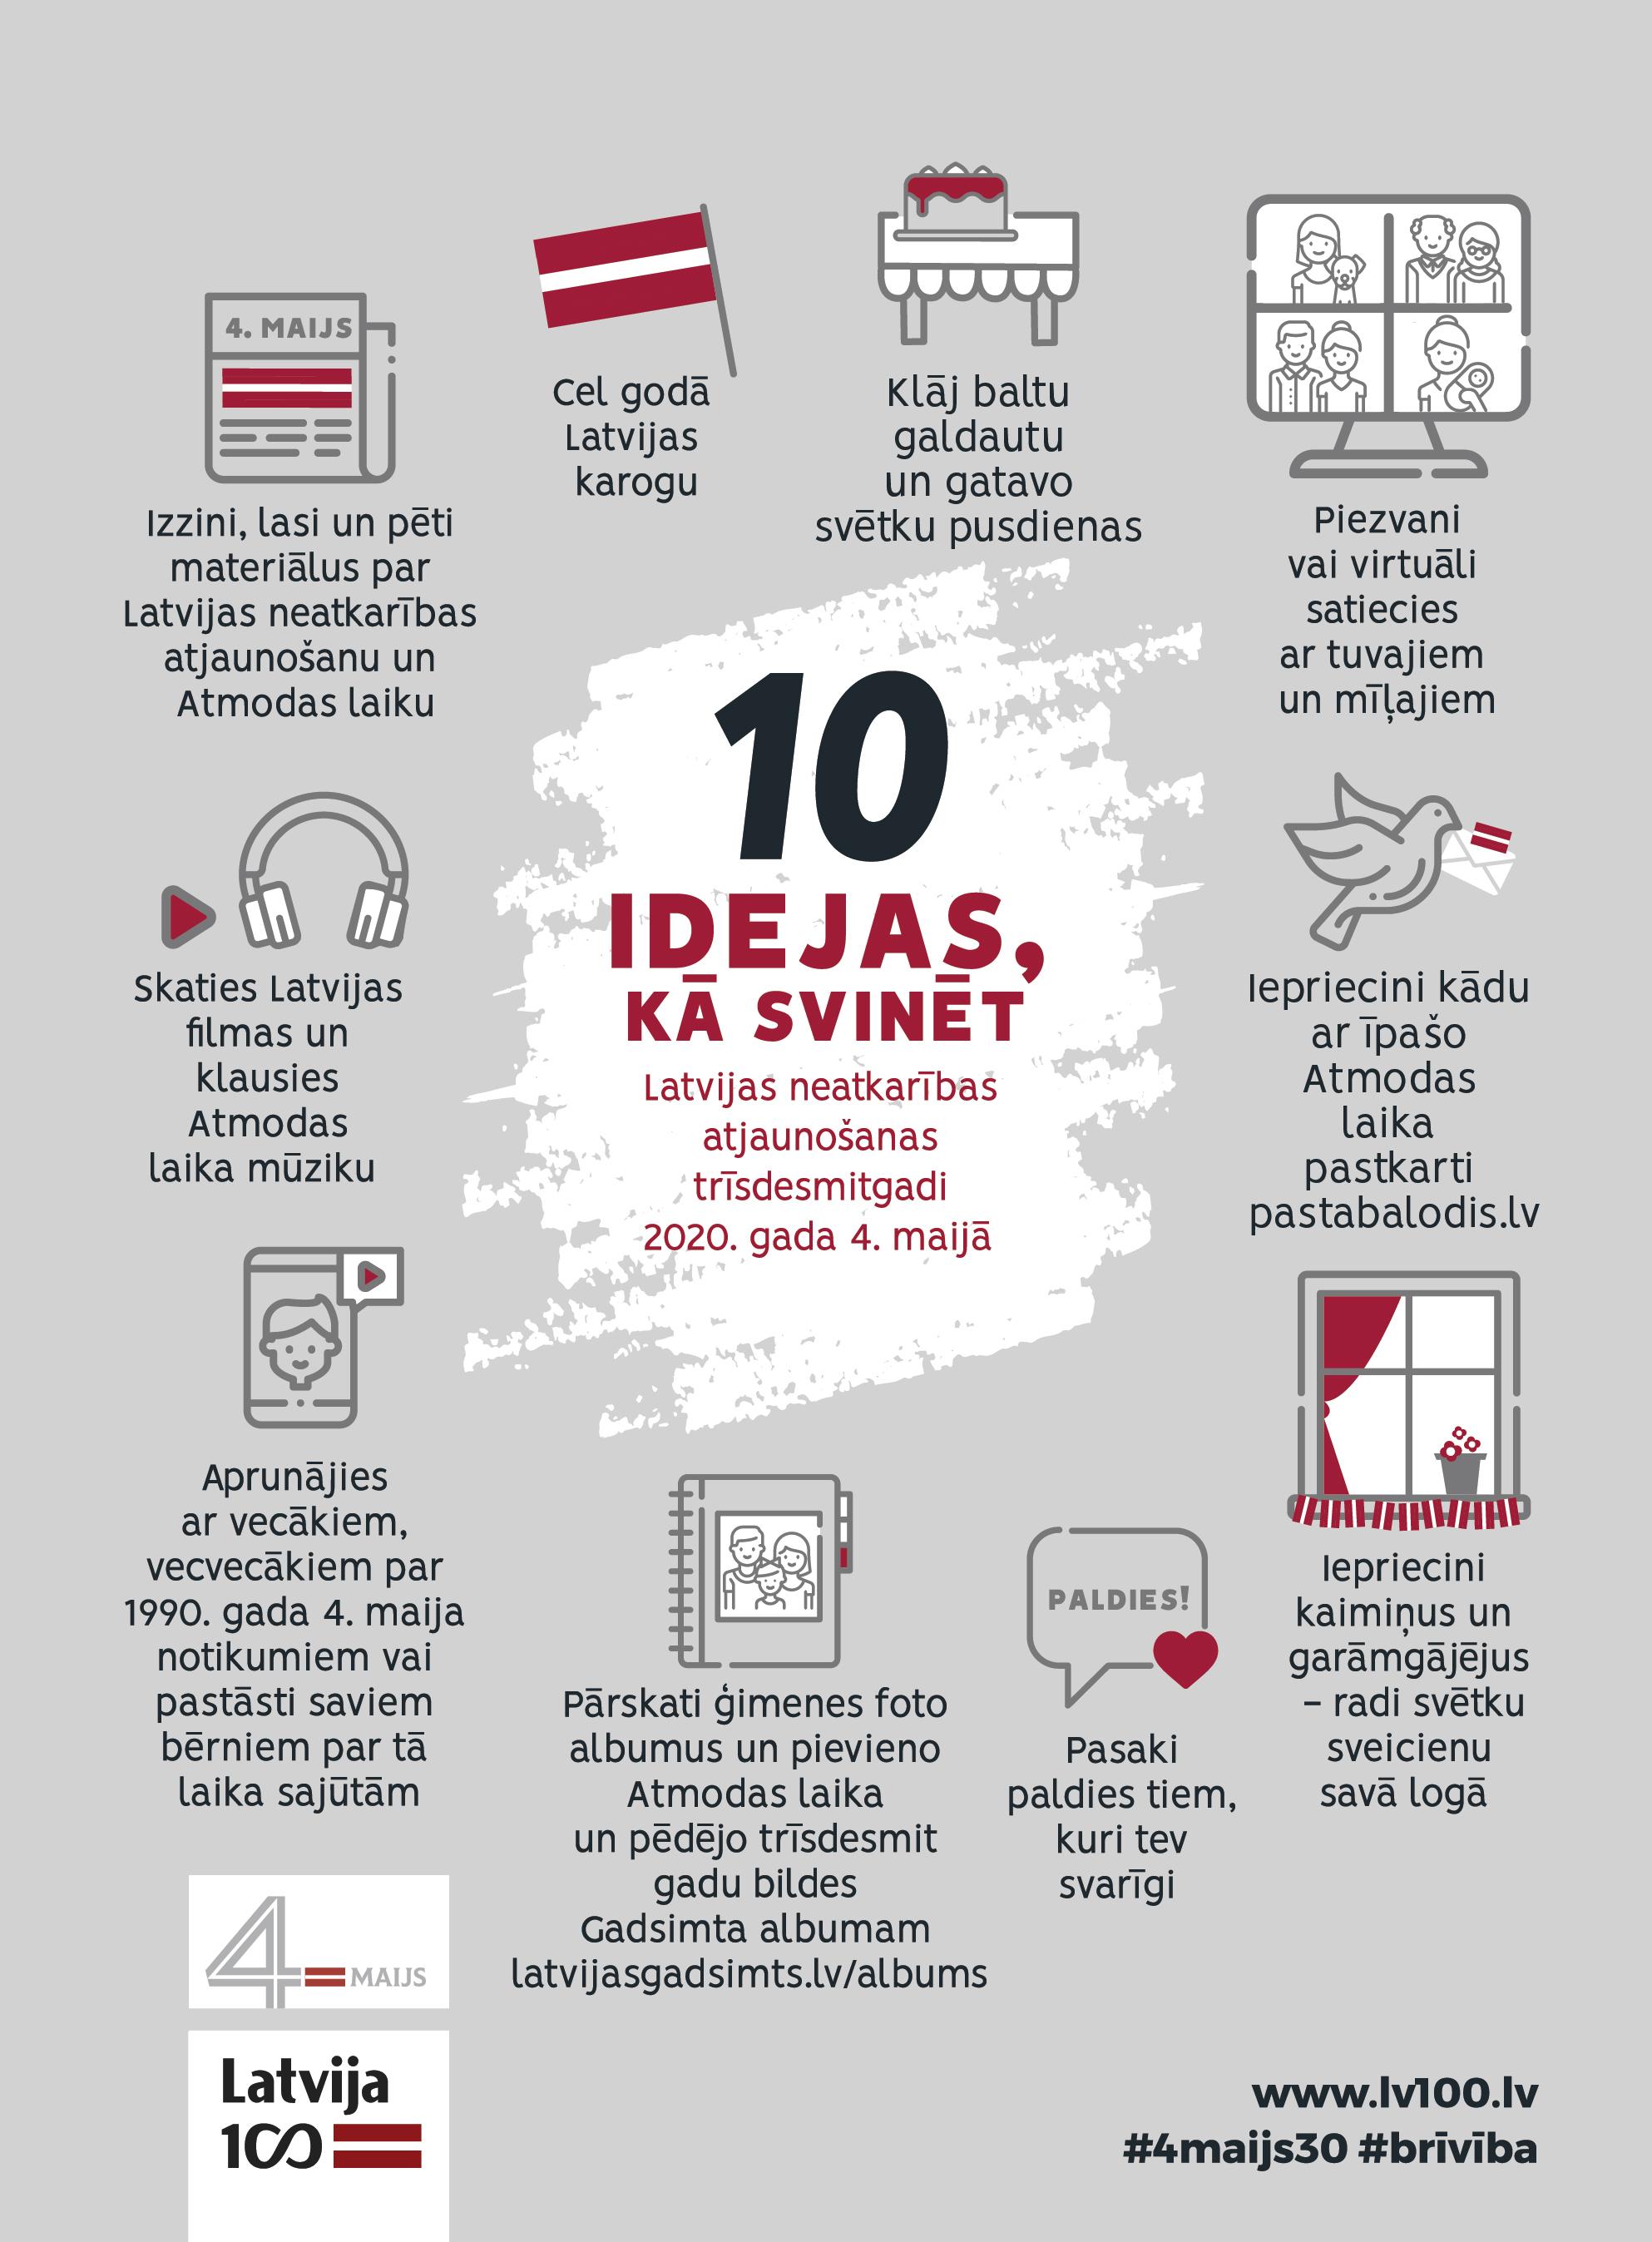 10_idejas_4maijs